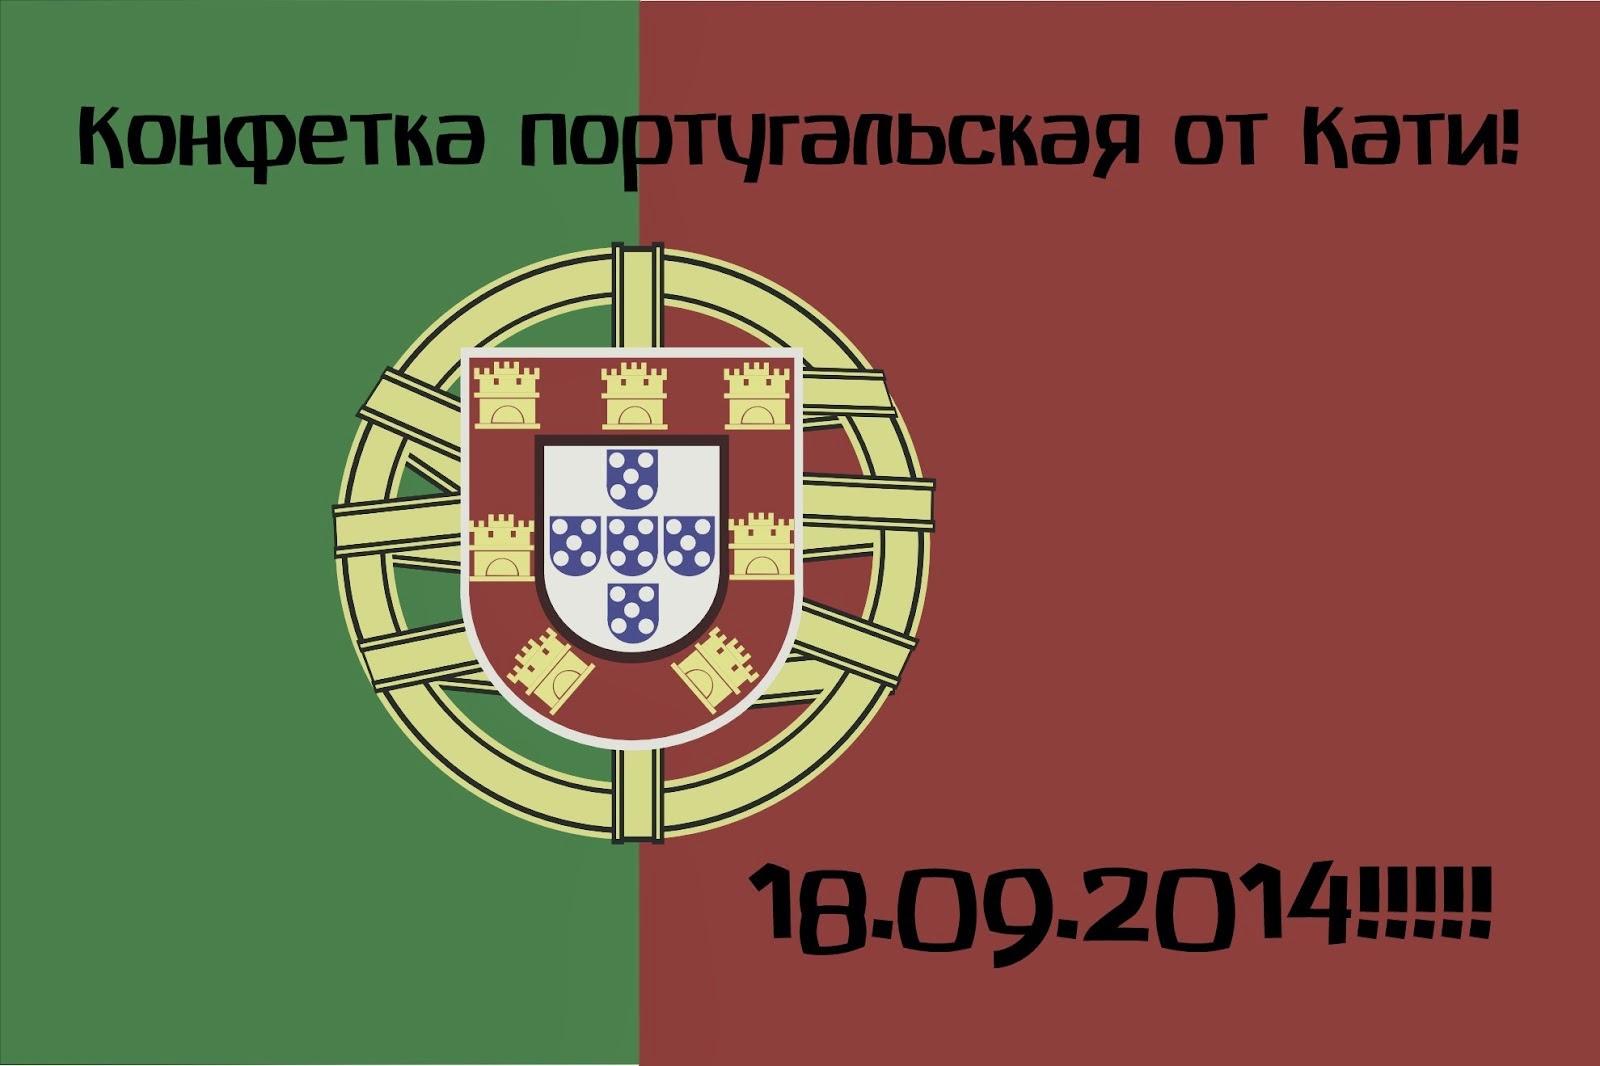 Португальская конфета